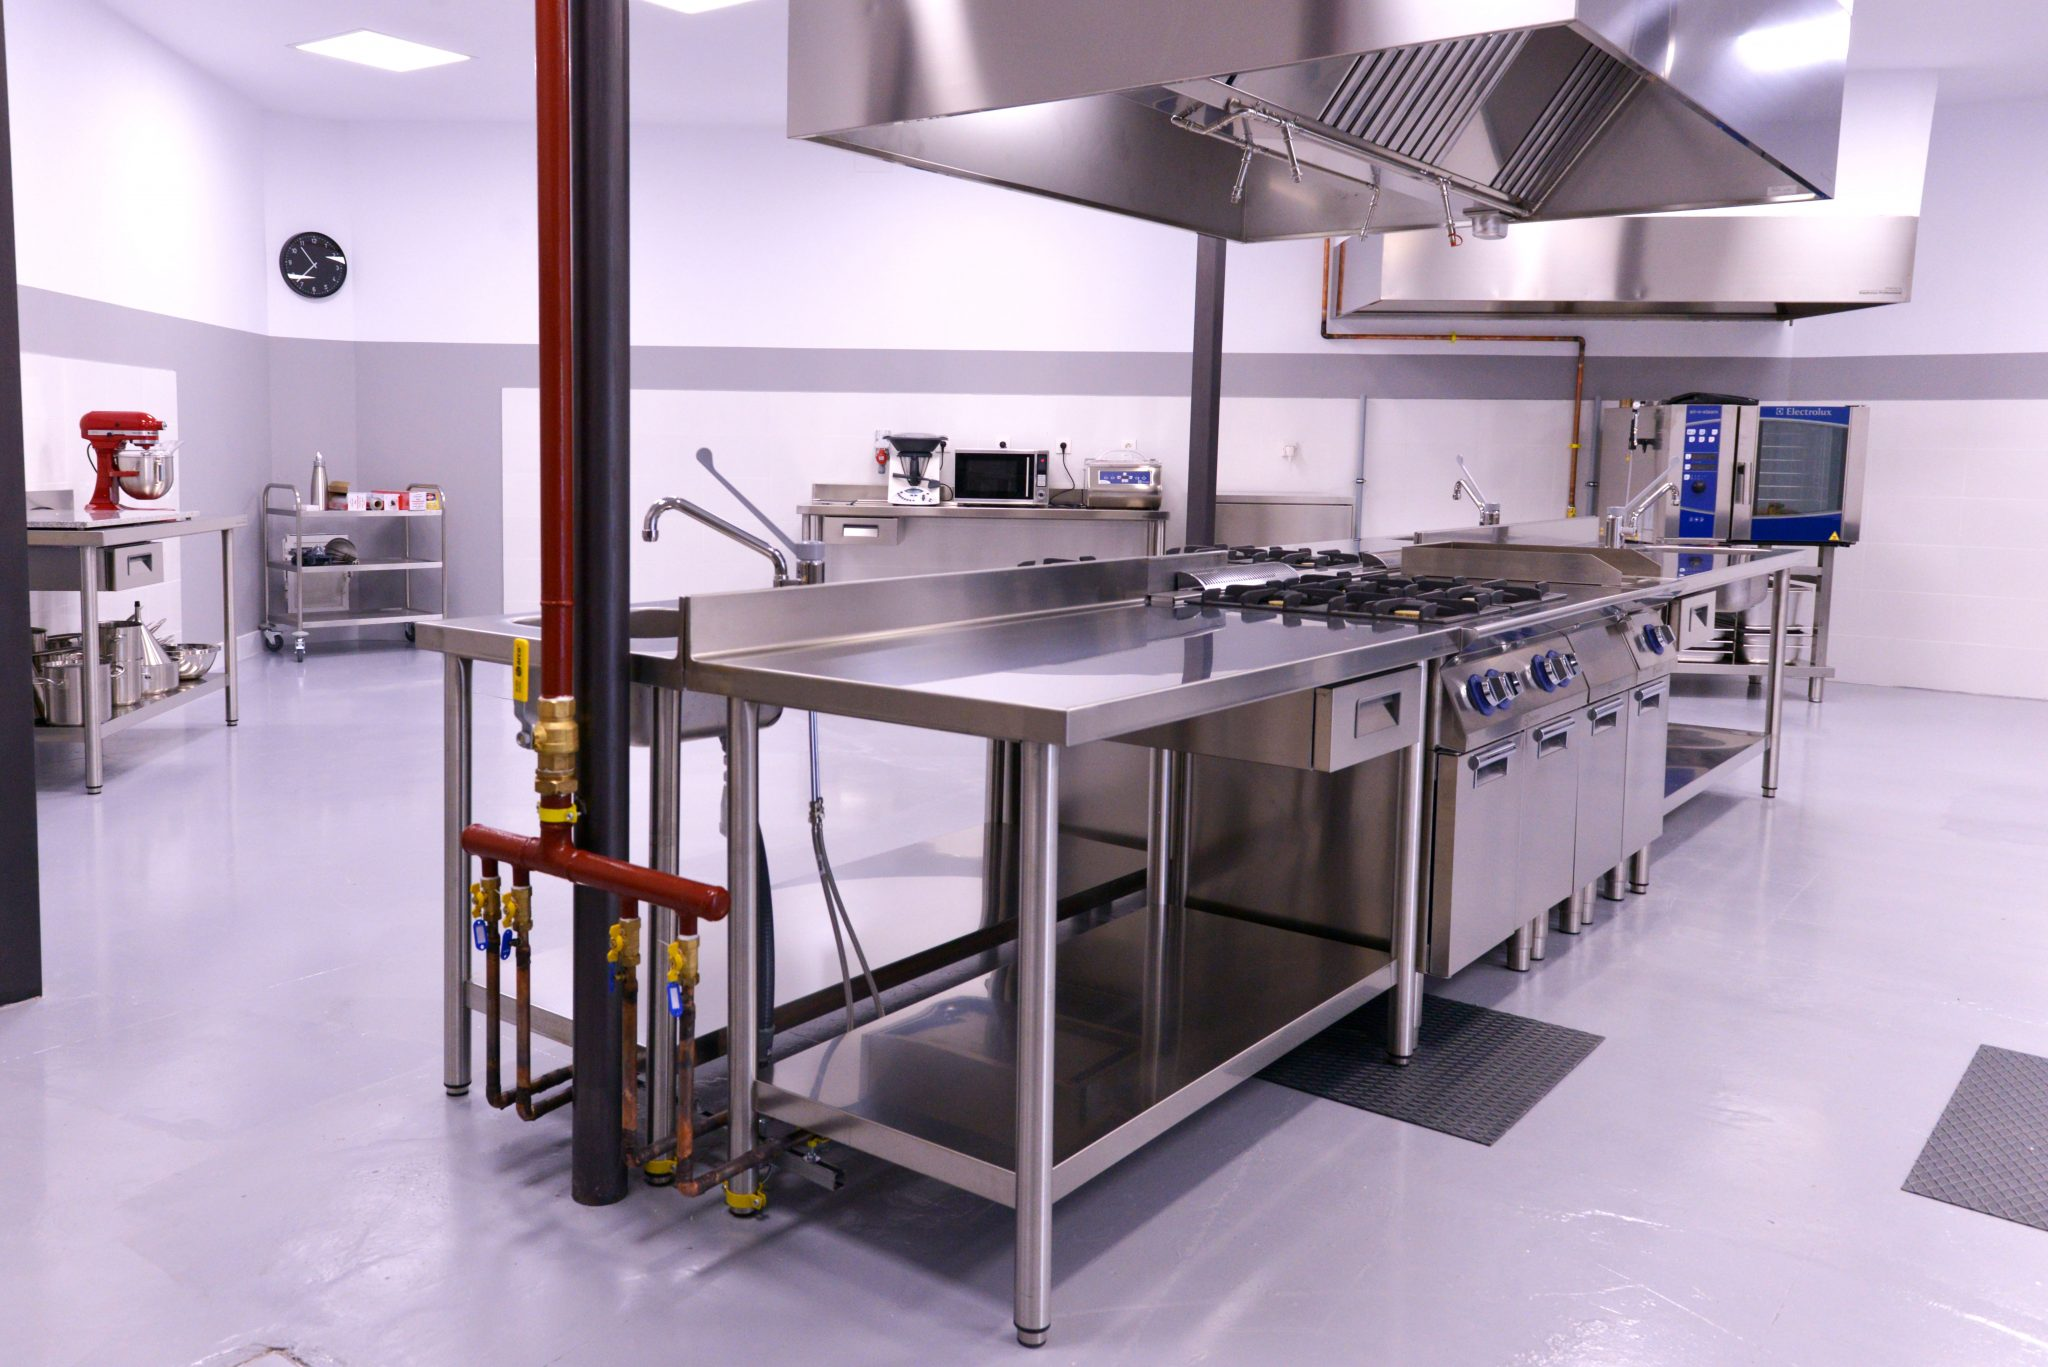 la maquinaria electrolux de nuestra cocina profesional